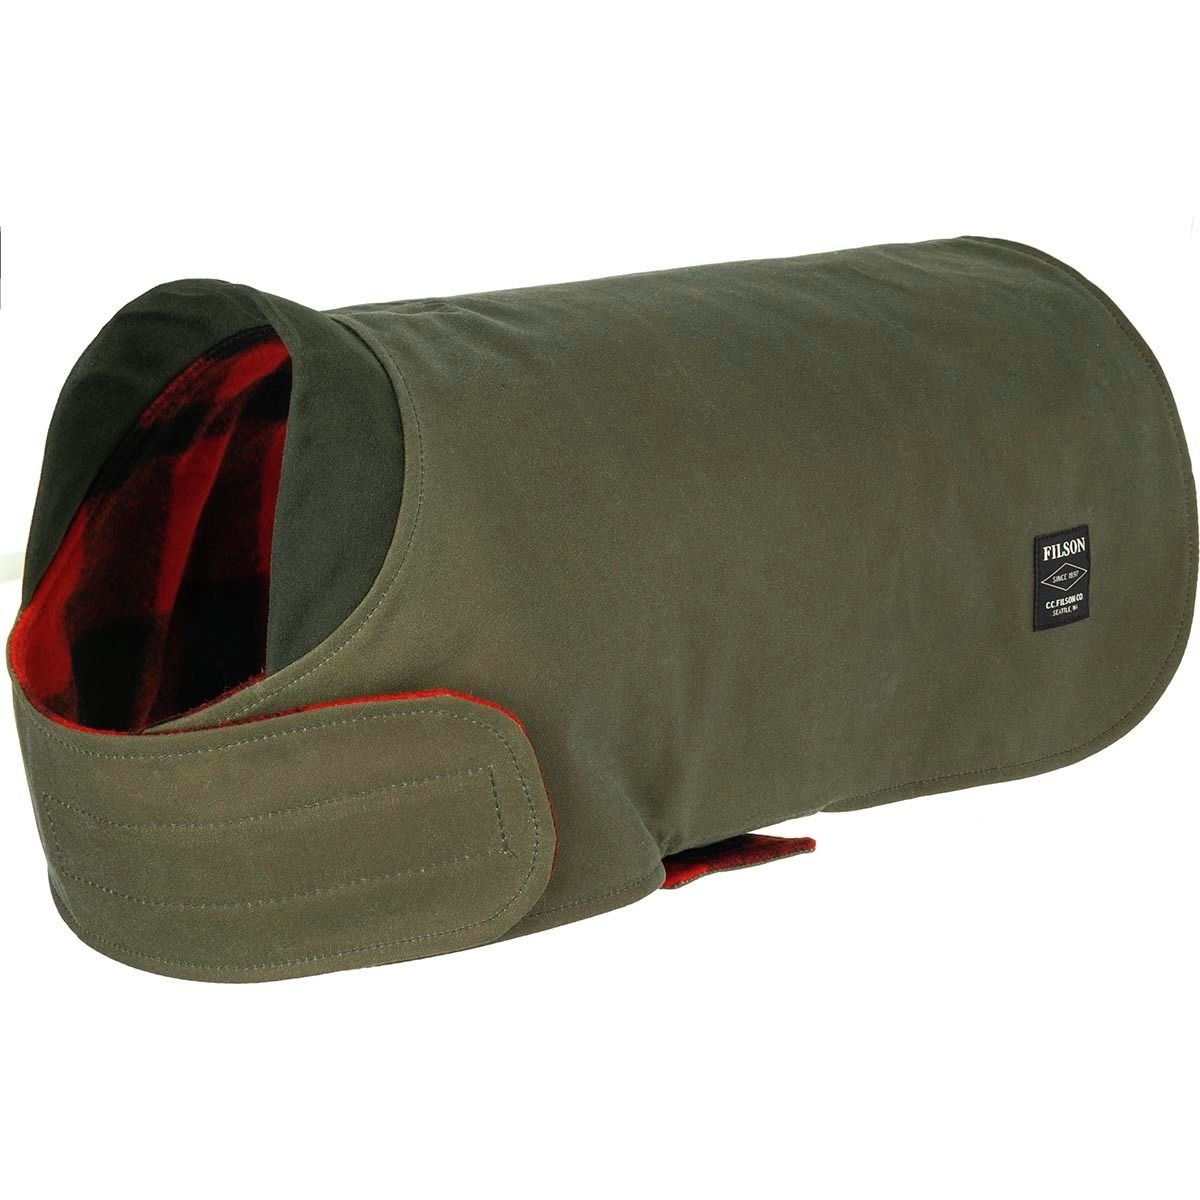 Filson Shelter Dog Coat